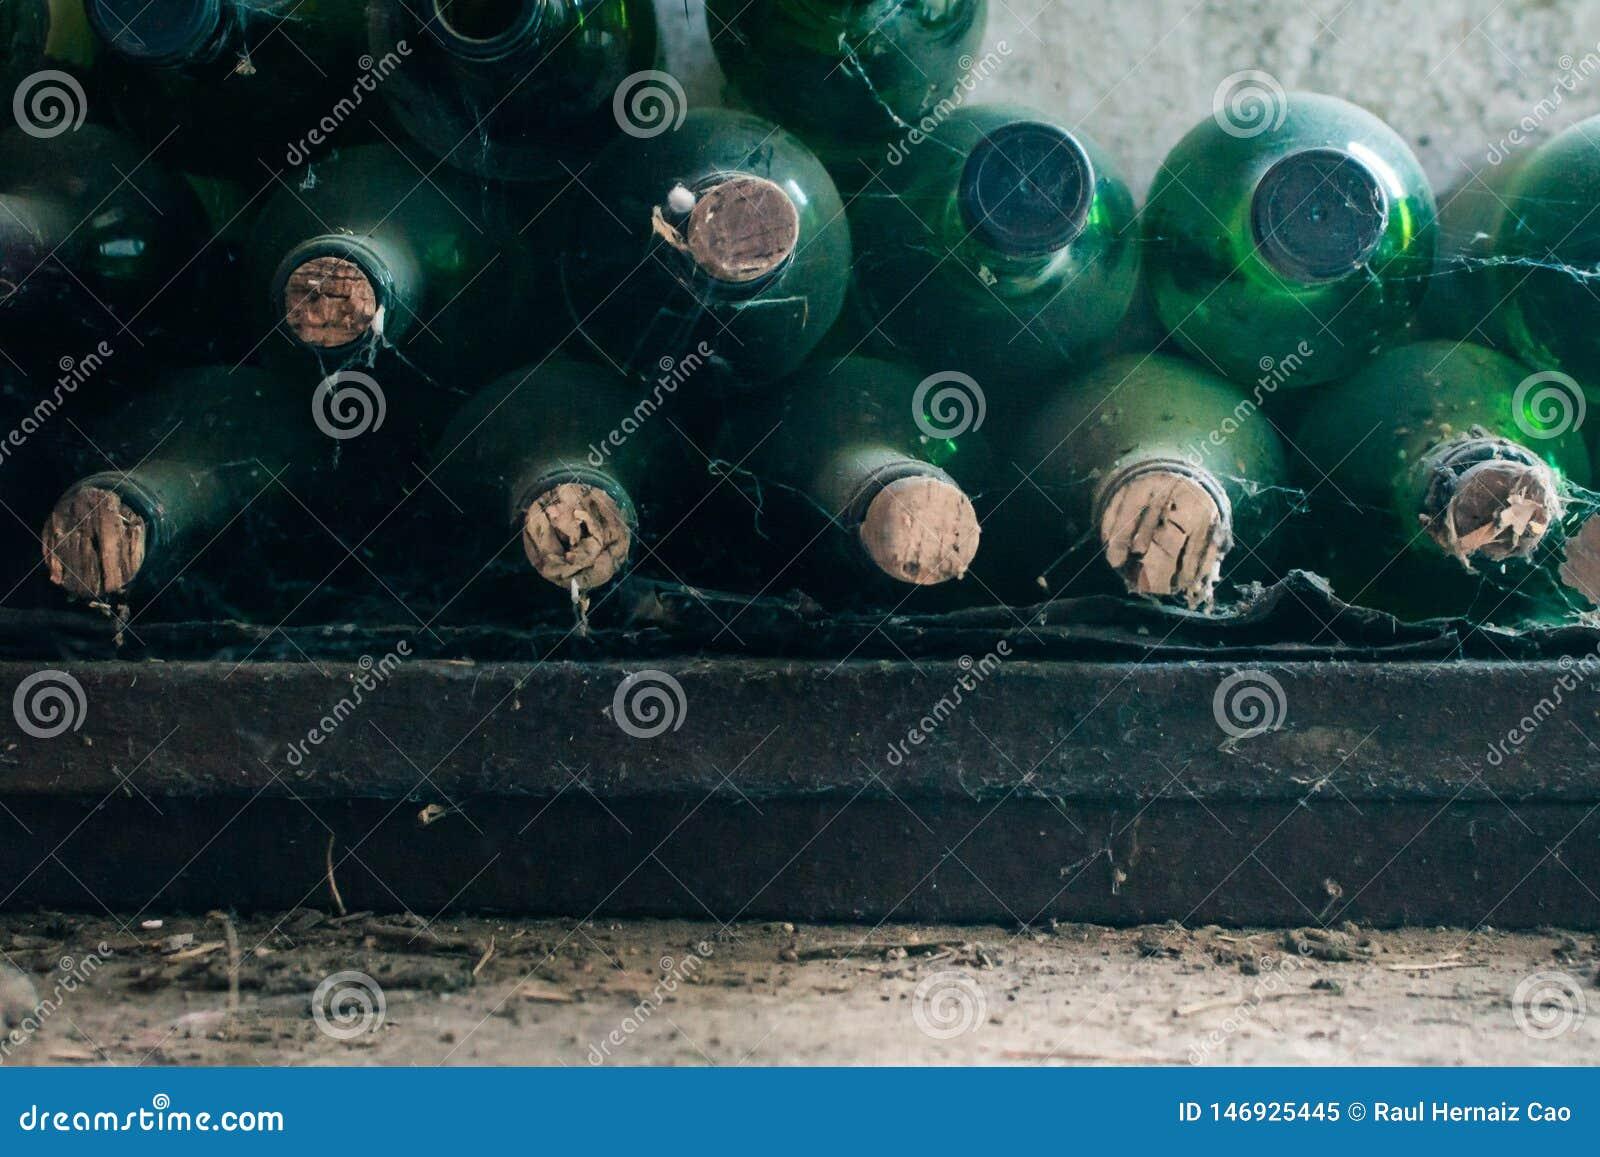 Algunas botellas de vino muy viejas y polvorientas en una bodega